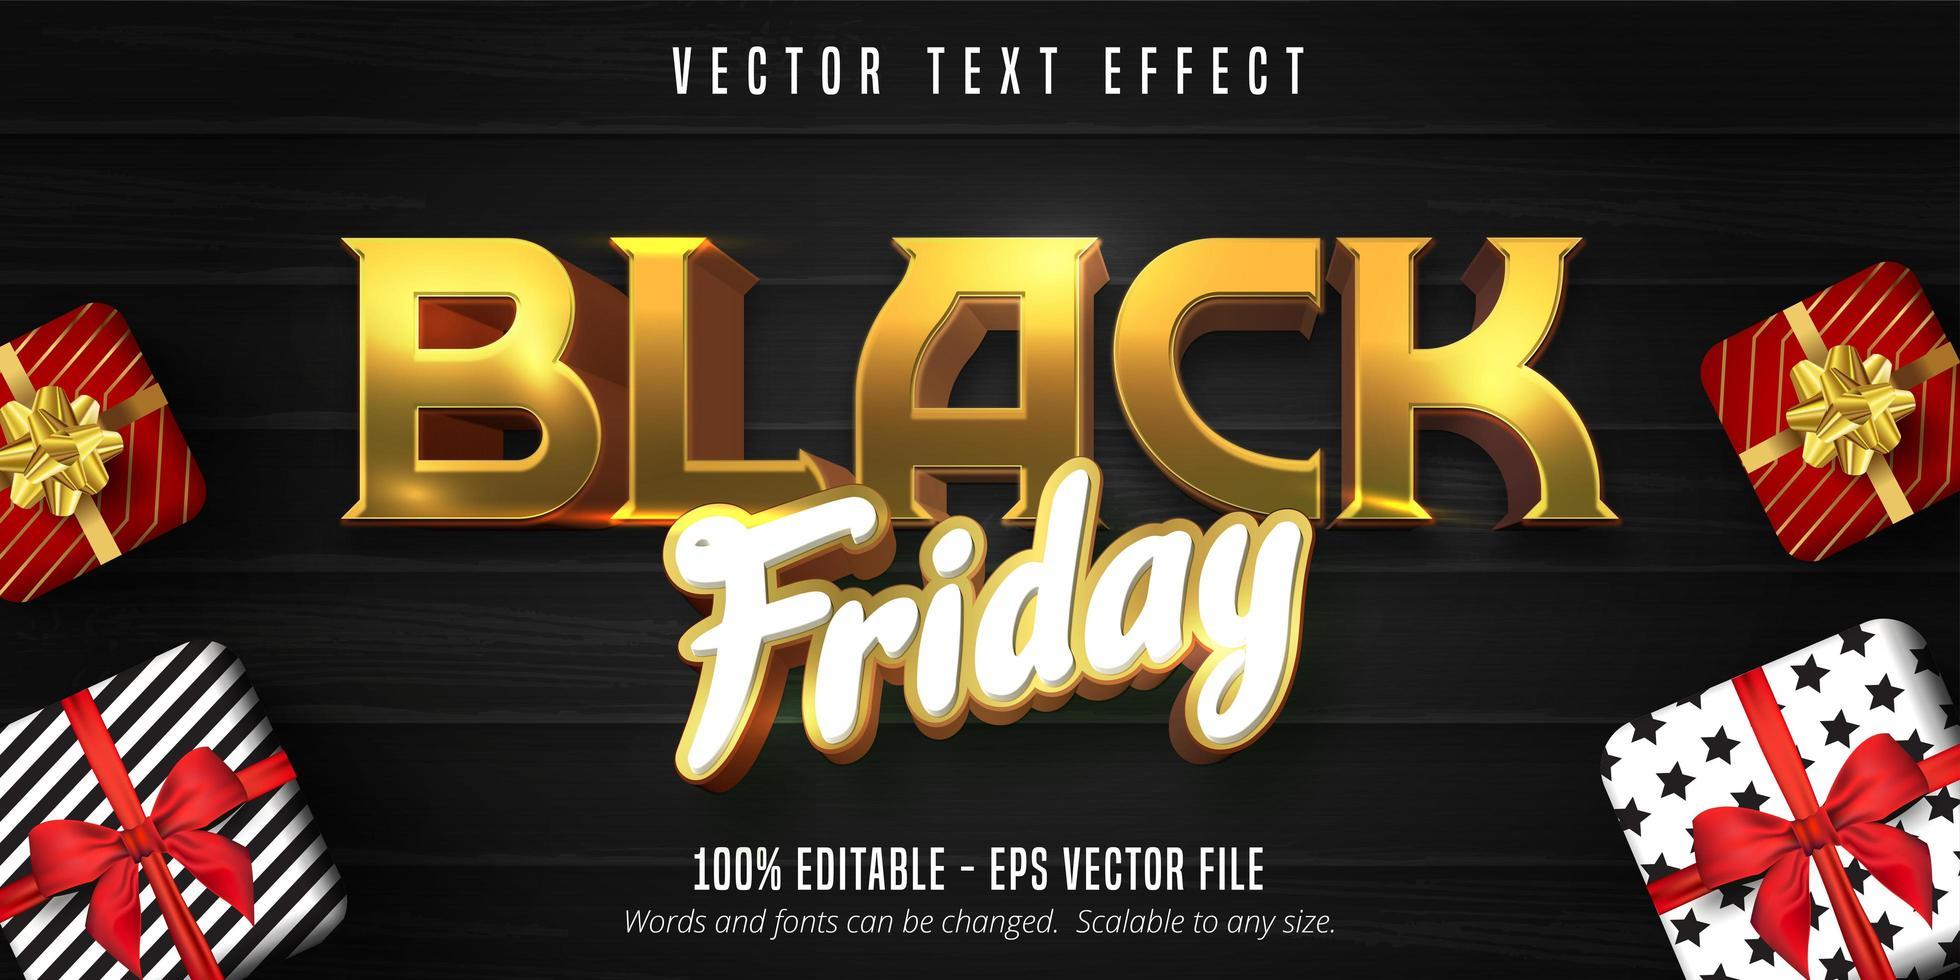 zwarte vrijdag verkoop banner teksteffect vector